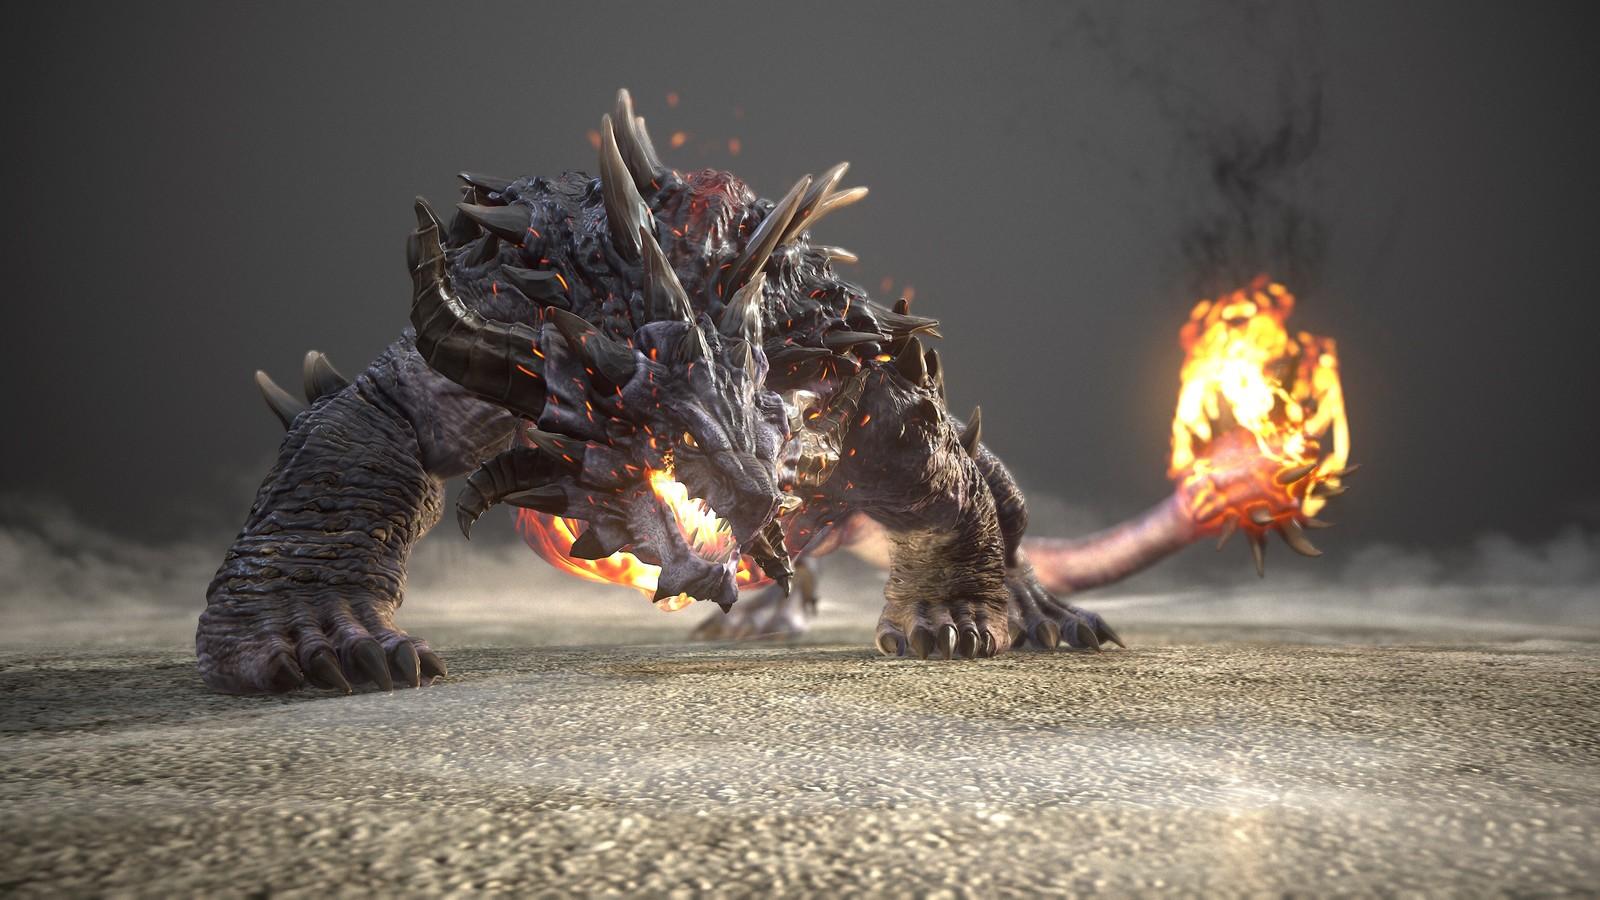 monster - 2014